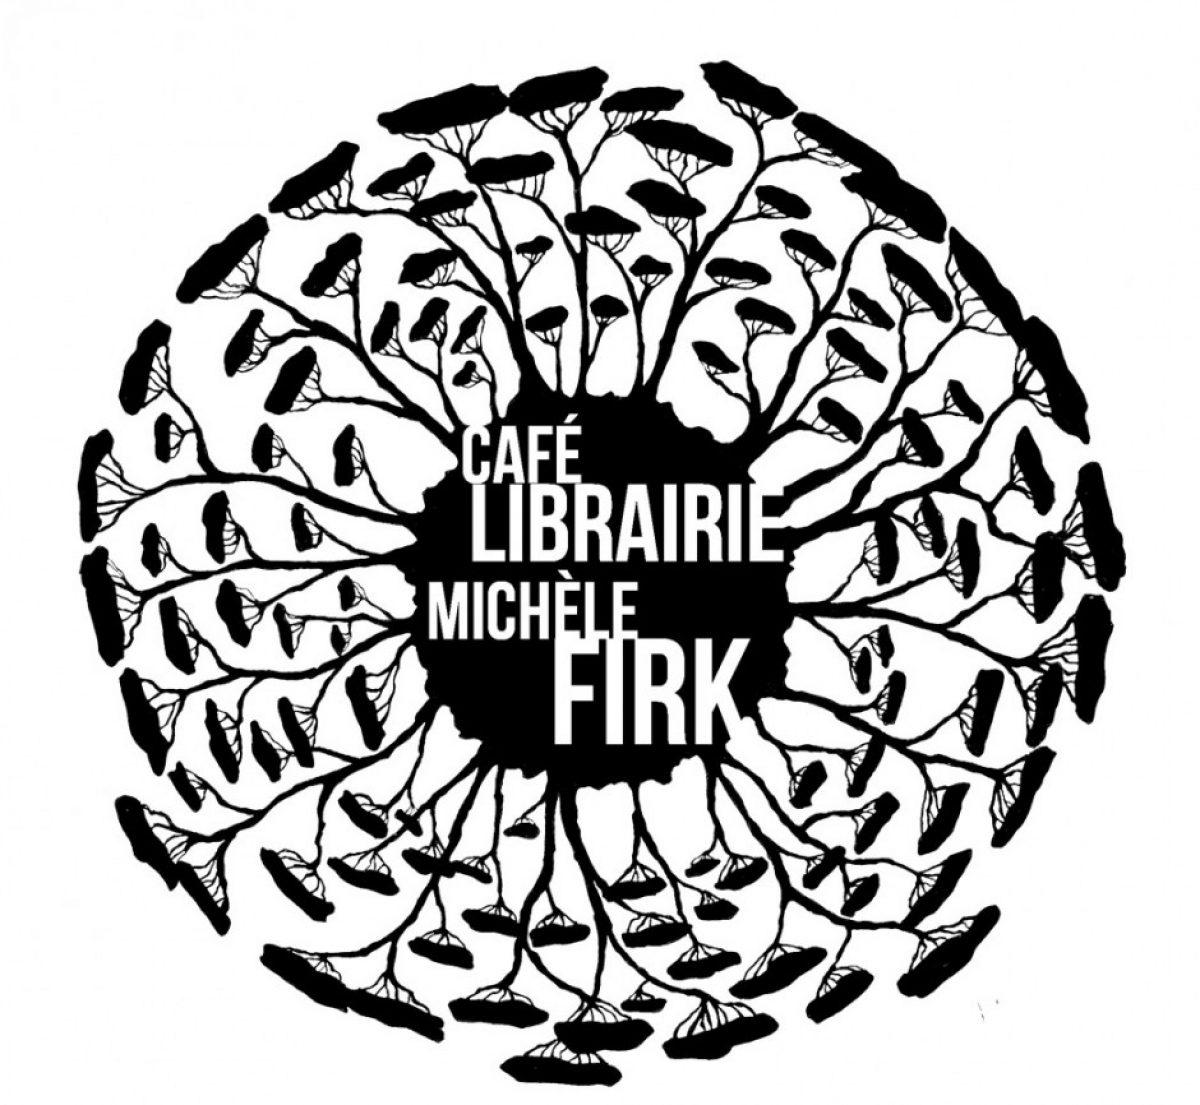 Michèle Événements Des Depuis Firk 2012 Archives Café Librairie eDE9I2WHY